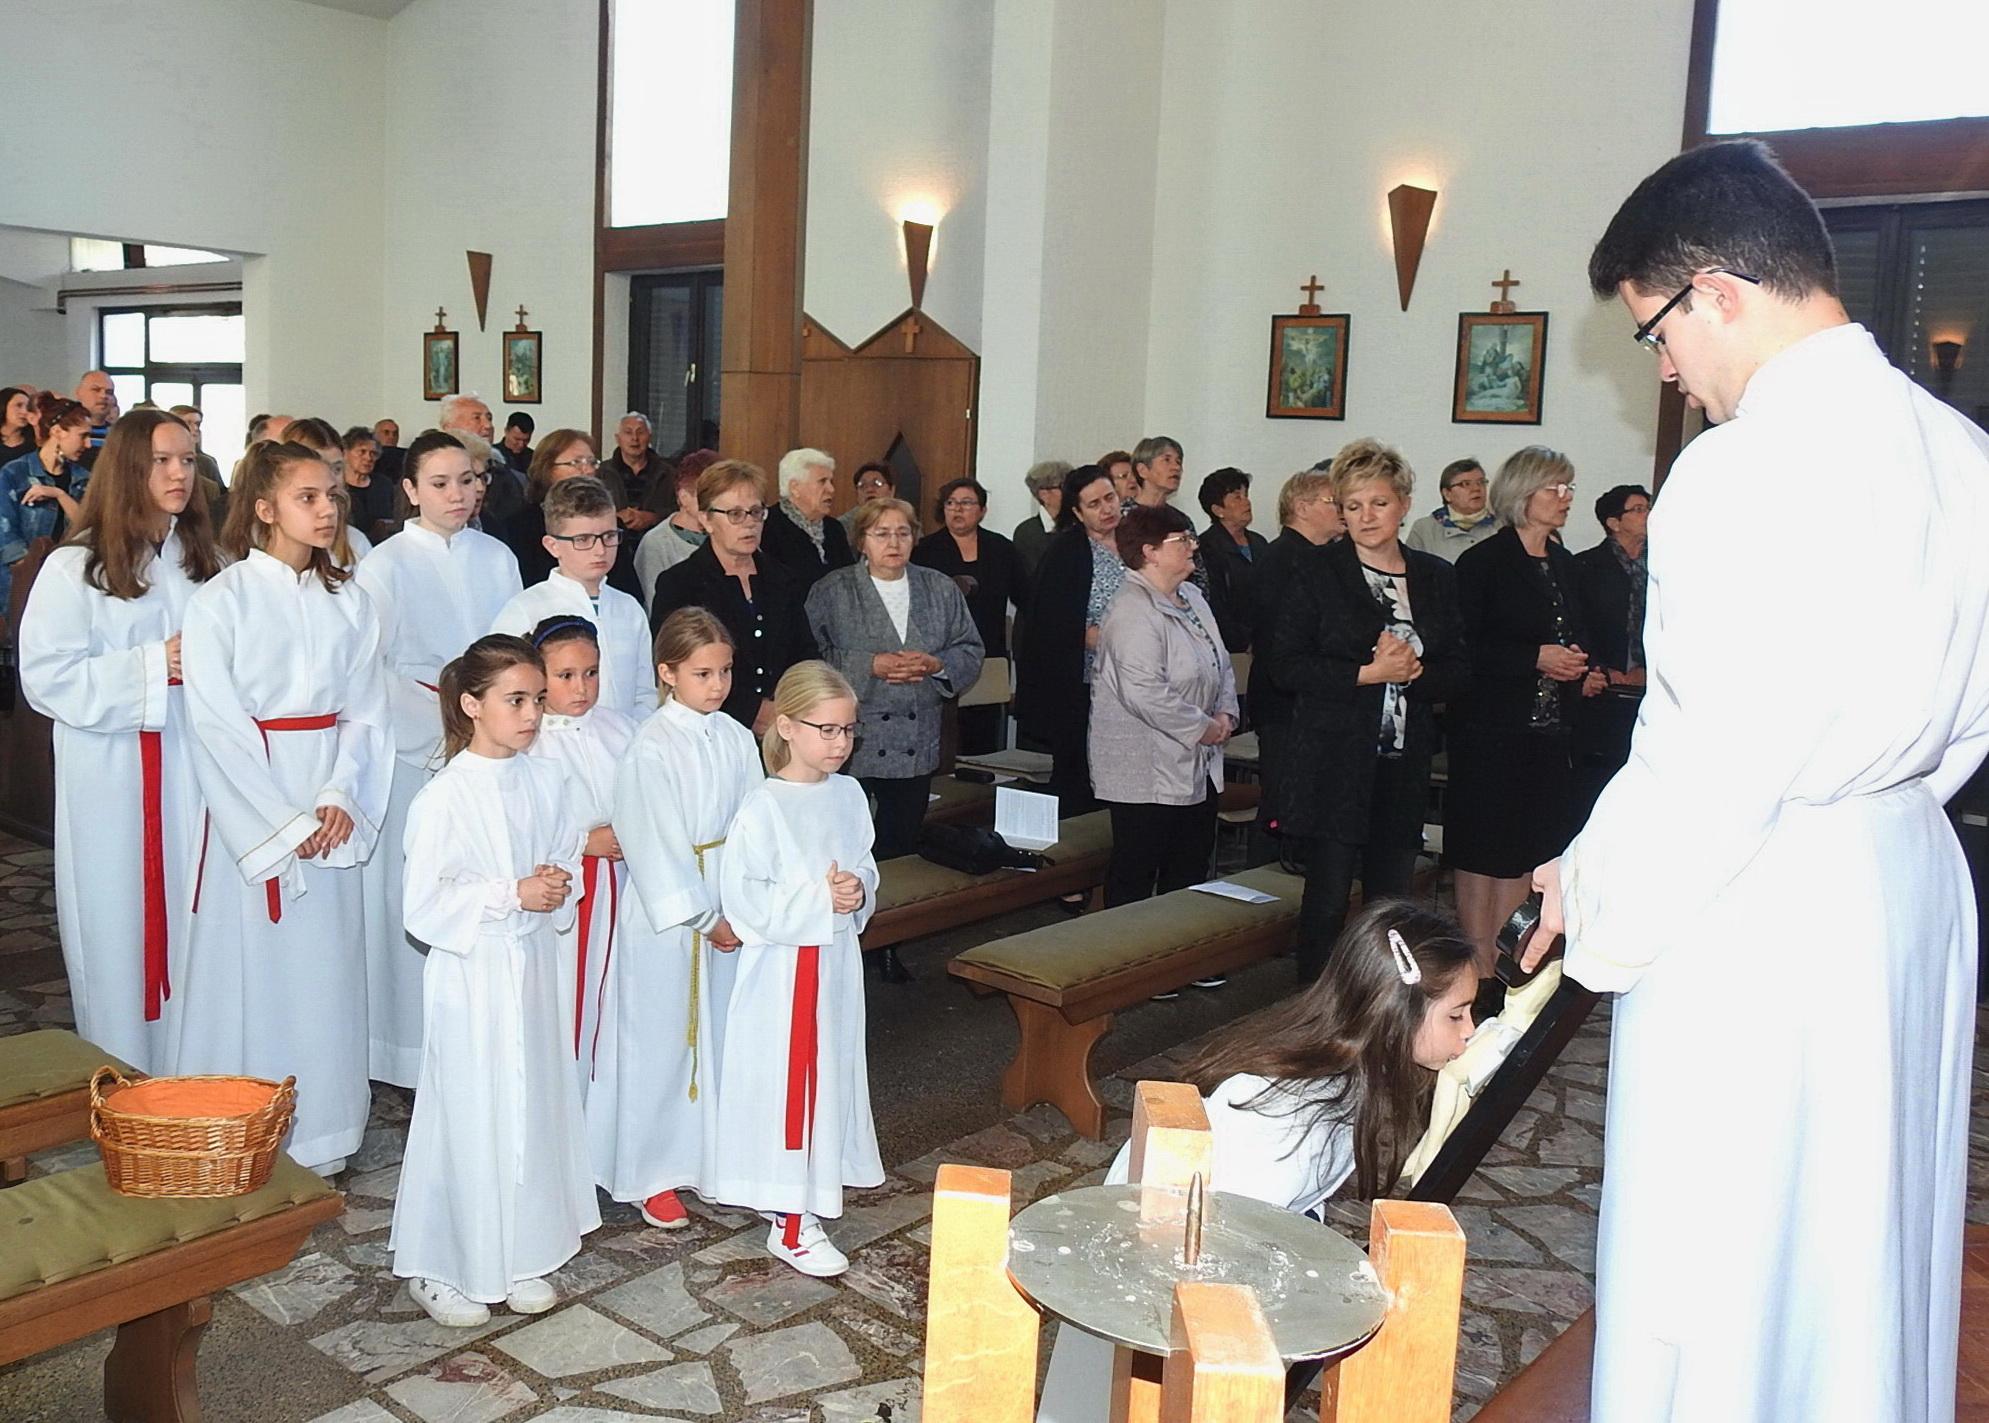 Ministranti u Markovcu Našičkom - Veliki petak 2019 - 19.4.2019.